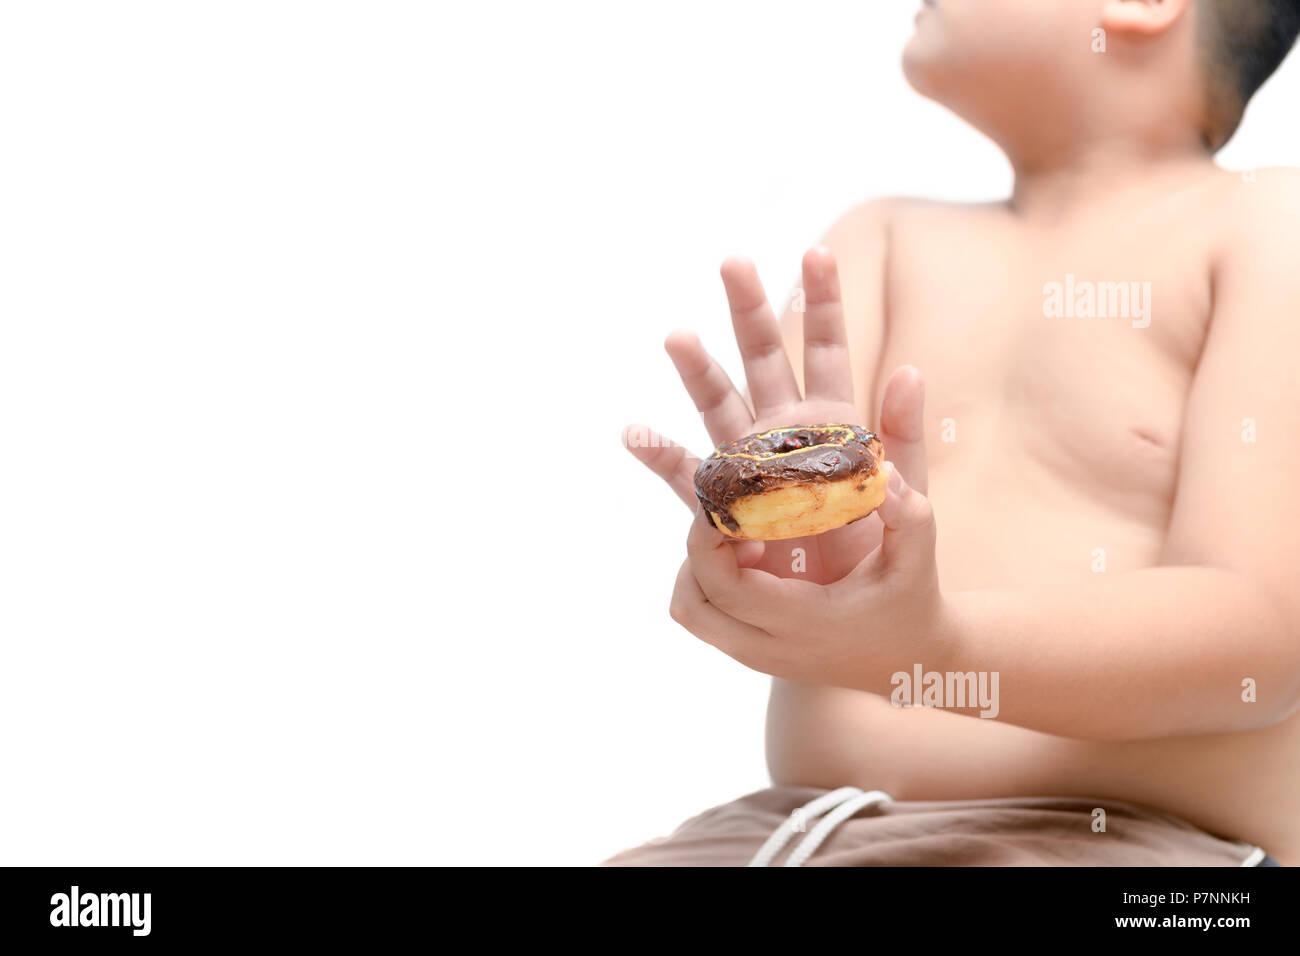 Fat boy obèses refuse de manger donut isolé sur fond blanc - dieting concept Photo Stock